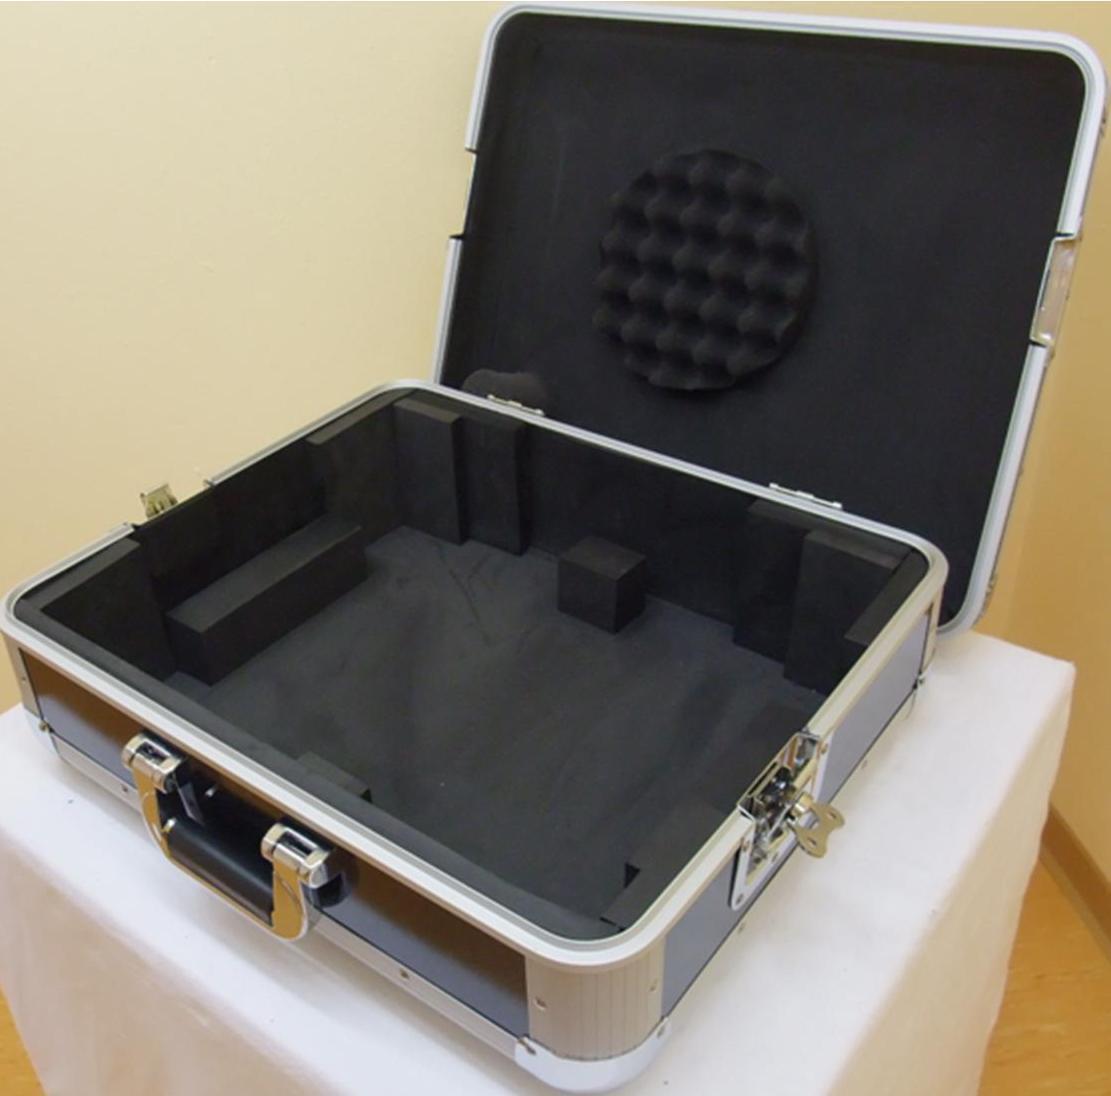 2 St. Plattenspieler-Koffer TTC-2 Tour ALU Plattenspielercase für Technics 1210